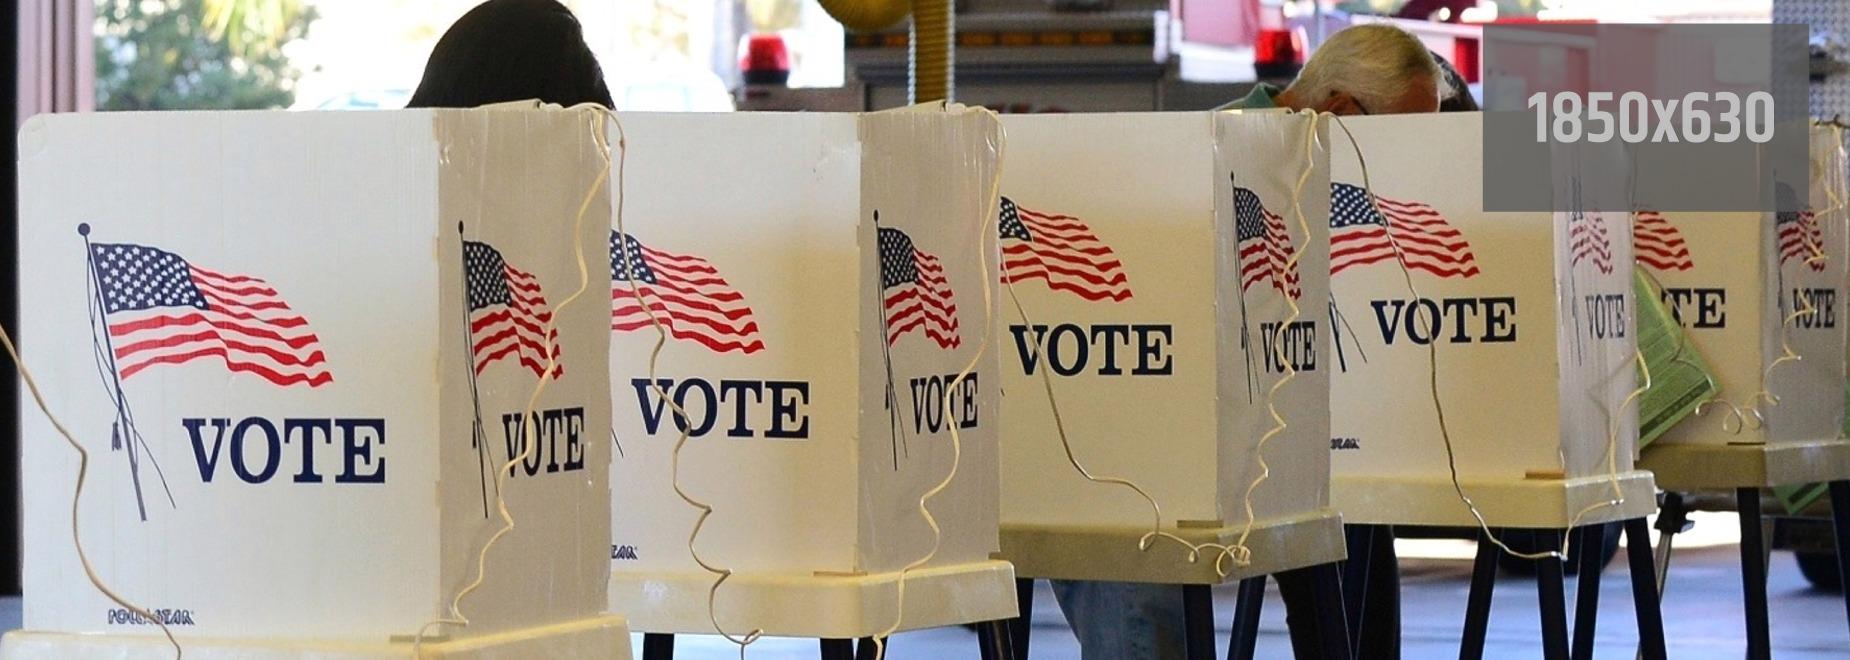 Register and Vote :: Neque porro quisquam est qui dolorem ipsum quia dolor sit amet, consectetur 1